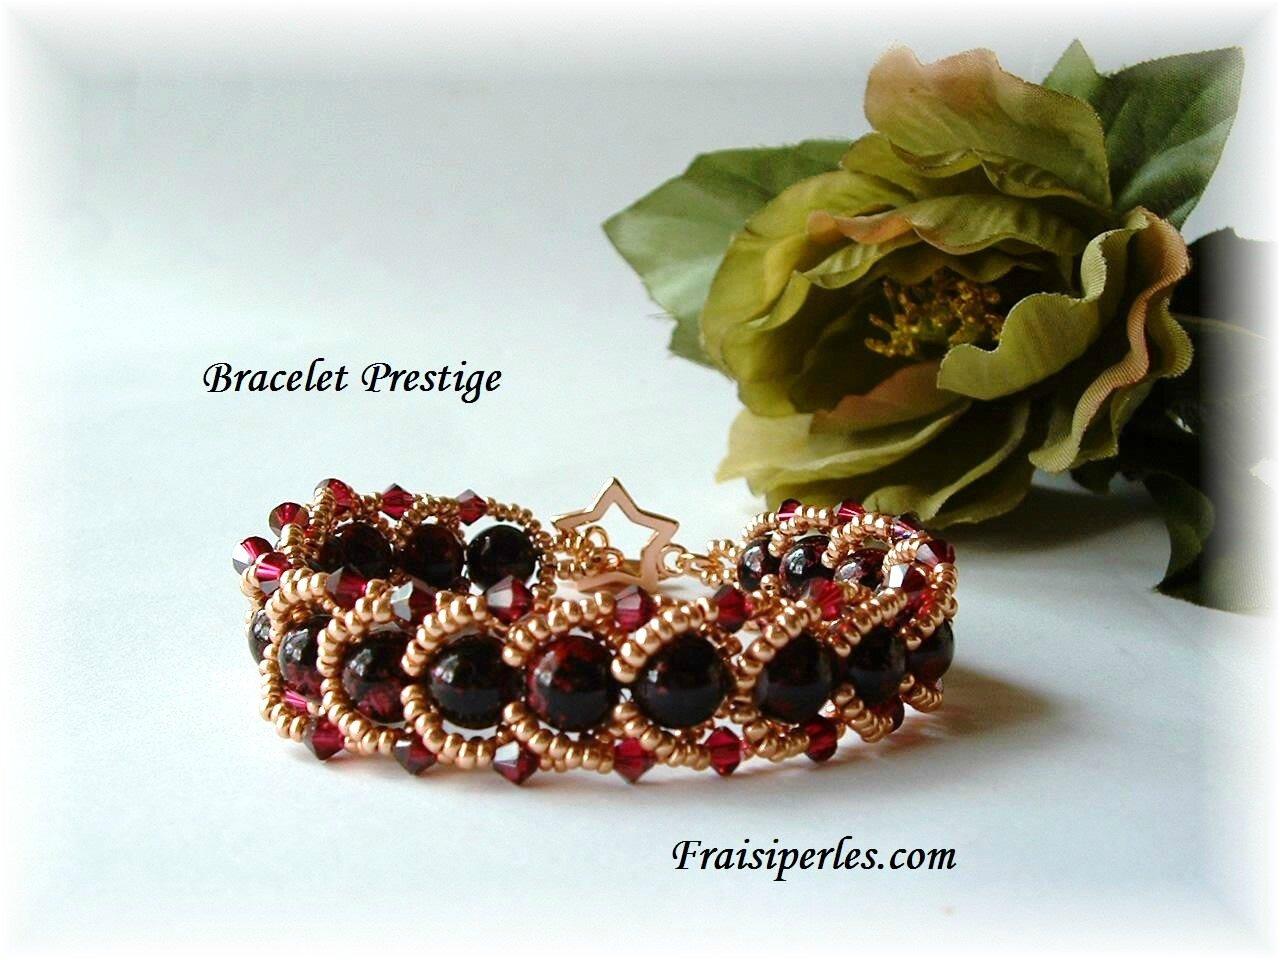 Bracelet Prestige